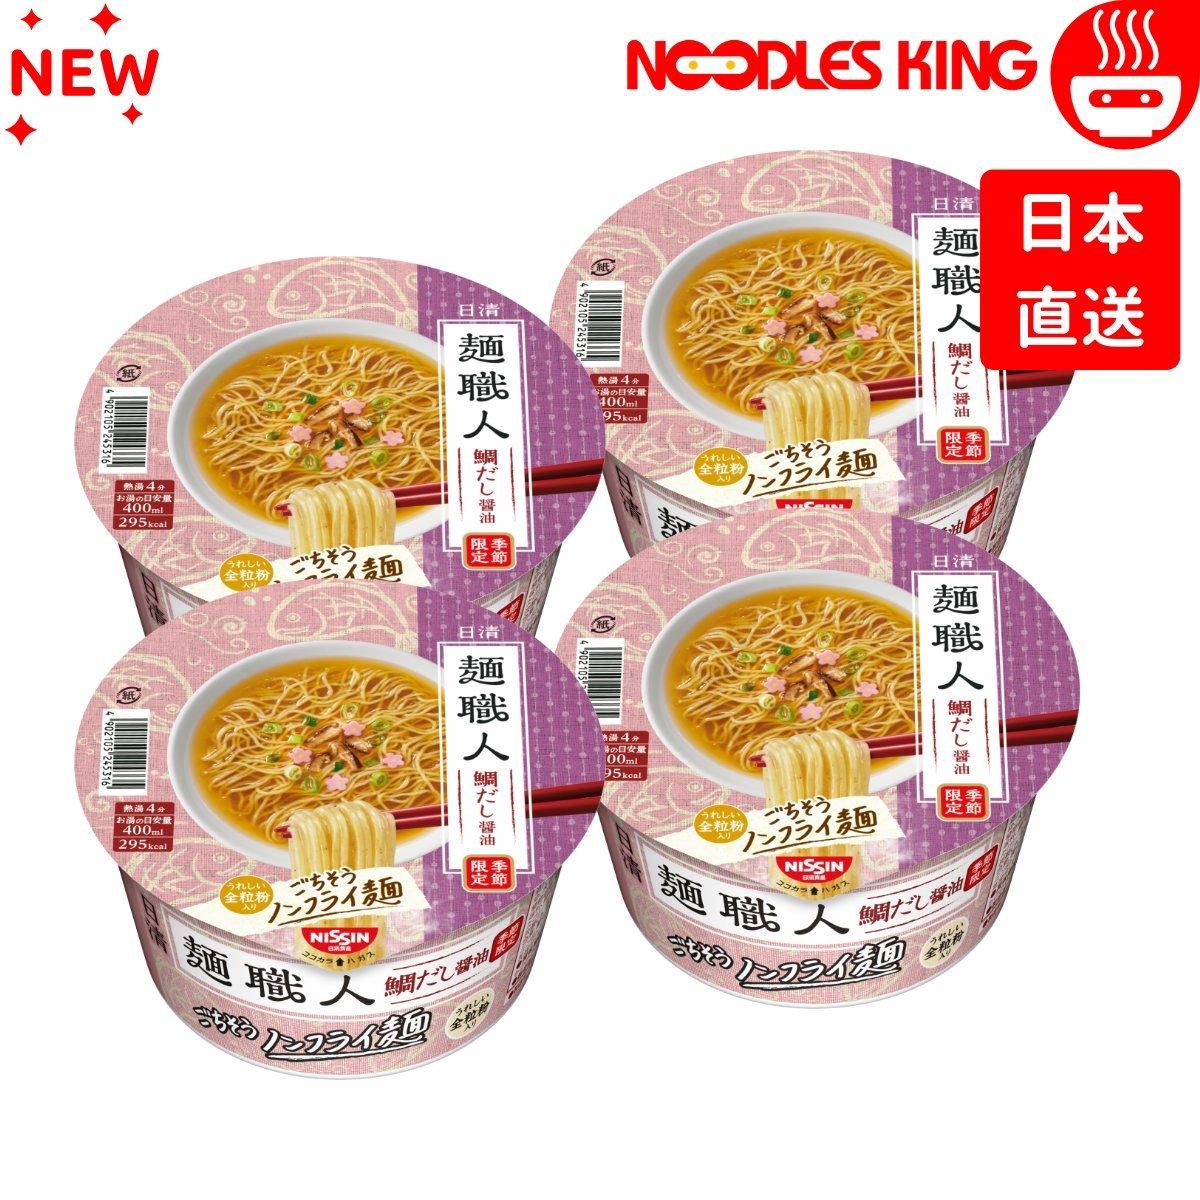 日本麵職人碗麵 - 鯛魚上湯風味 87g x 4